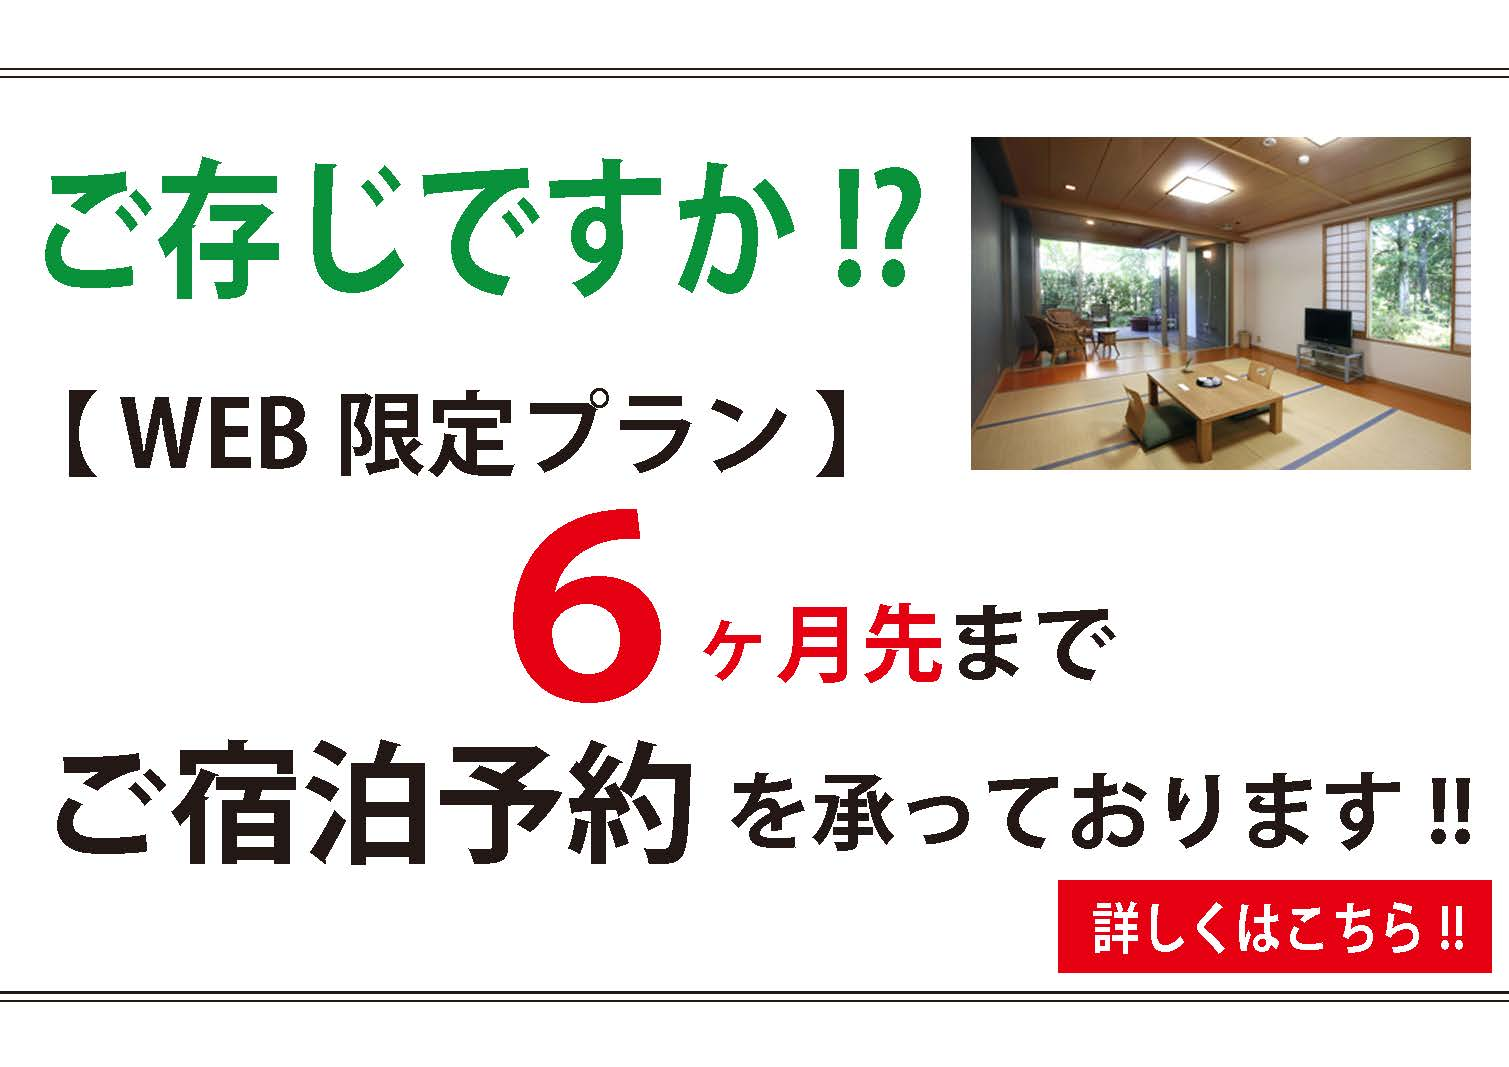 【WEB限定プラン】を6か月先までご宿泊予約承っております。